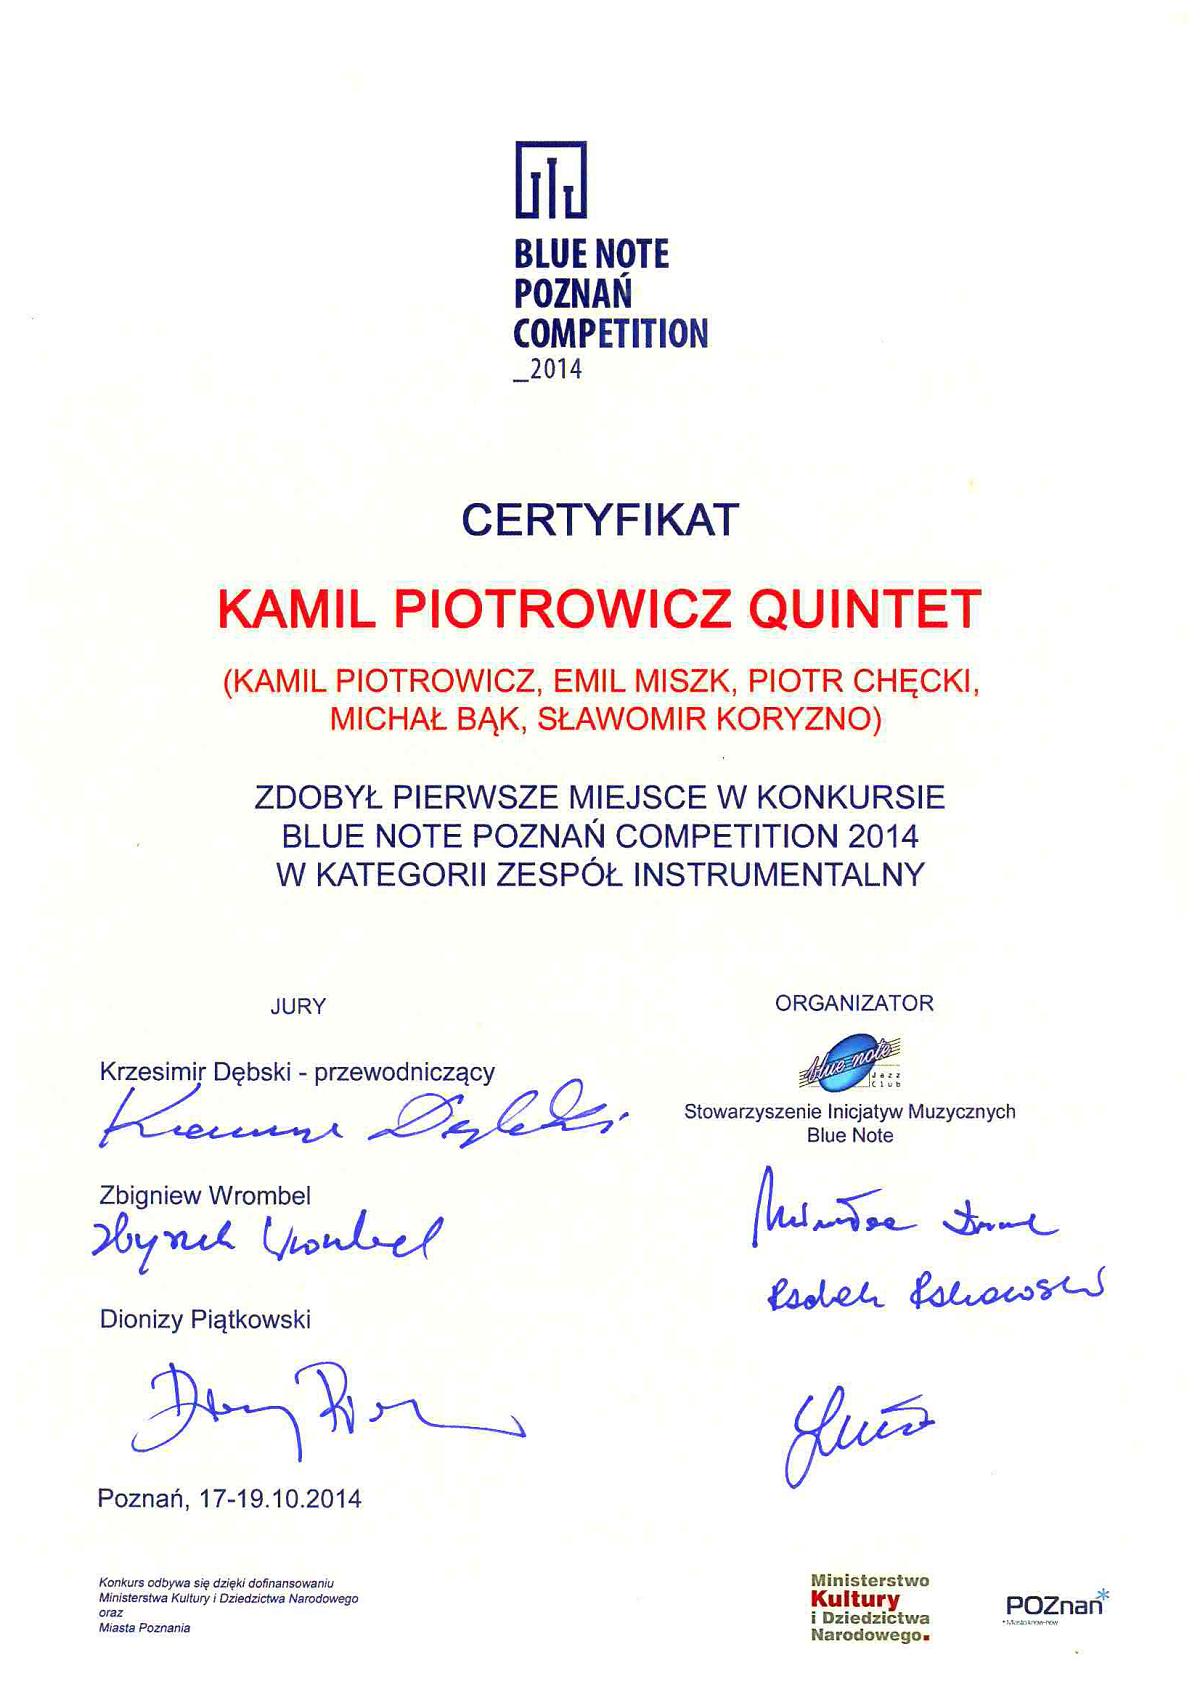 Kamil_Piotrowicz_Quintet_I_nagroda_Poznan_www